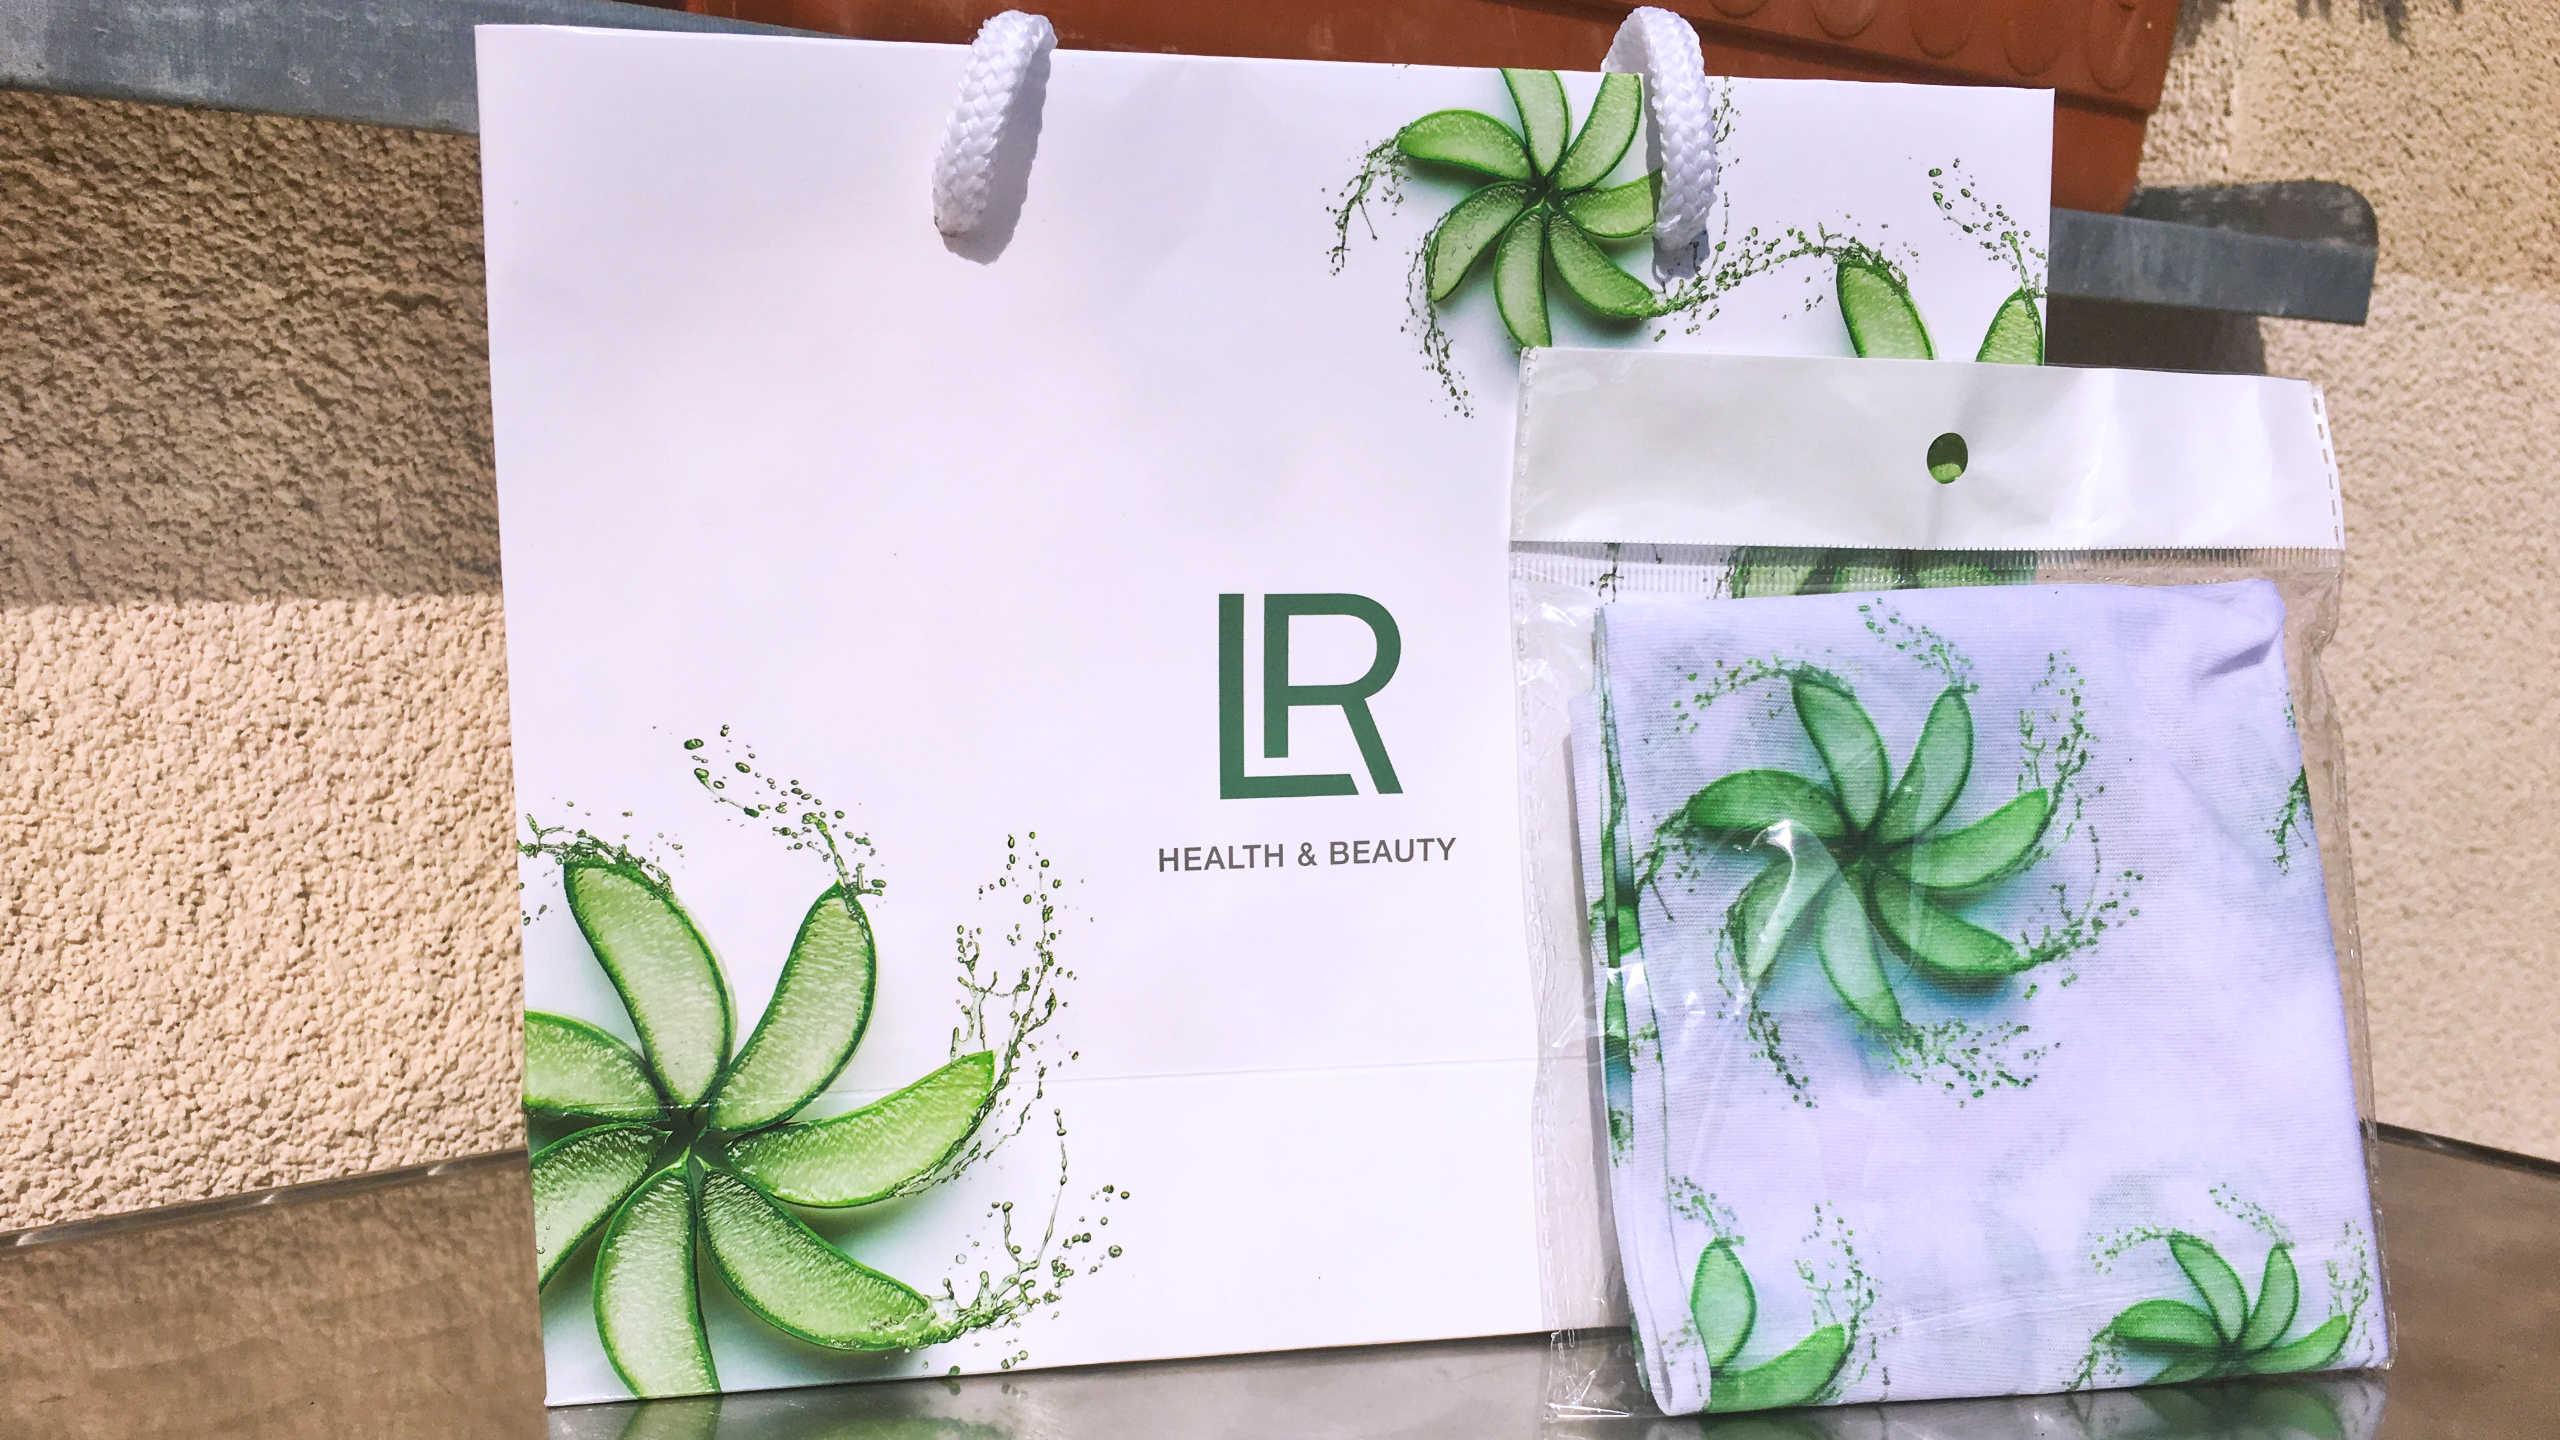 SOUTĚŽ: vyhraj originální šátek od LR Health & Beauty